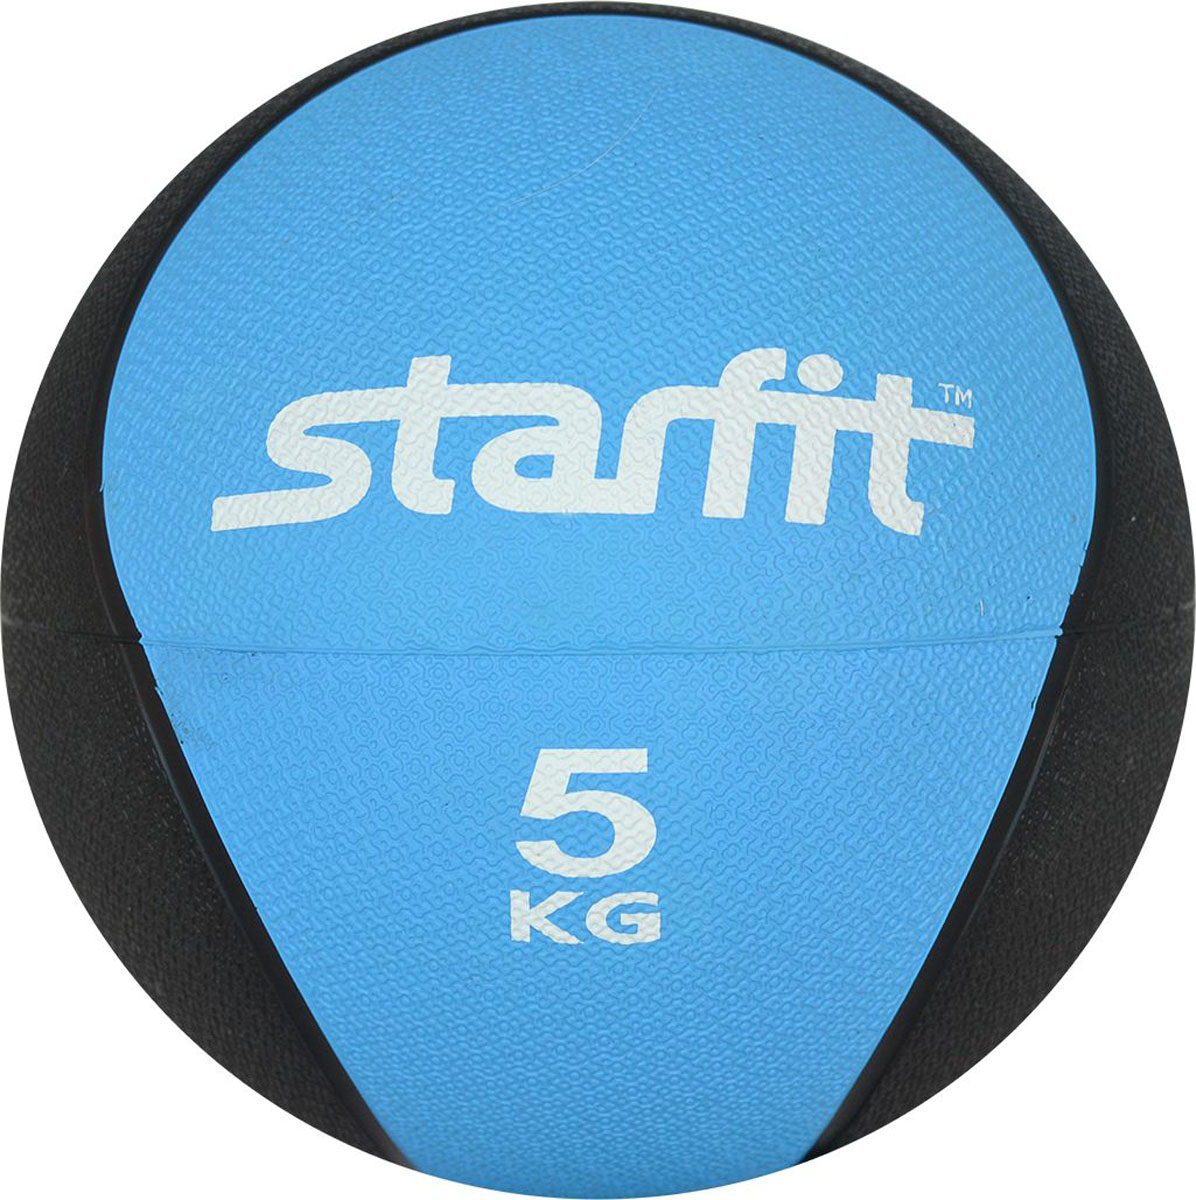 Медицинбол Starfit Pro GB-702, цвет: синий, 5 кгУТ-00007303Медицинбол Starfit Pro GB-702 - это важный аксессуар для функциональной тренировки тела. Серия медболов PRO Starfit отличается повышенной плотностью и жесткостью поверхности, а также ярким цветным дизайном.Медбол используют в групповых программах, функциональном тренинге, бодибилдинге и фитнесе. Также его используют профессиональные спортсмены в единоборствах. Помогает в тренировке мышц кора (пресса), мышц рук, грудной клетки, спины, плеч, ног и ягодиц. Фактически с помощью него можно провести полноценную тренировку для всего организма.Характеристики:Вес: 5 кг.Диаметр: 22,8 см.Йога: все, что нужно начинающим и опытным практикам. Статья OZON Гид